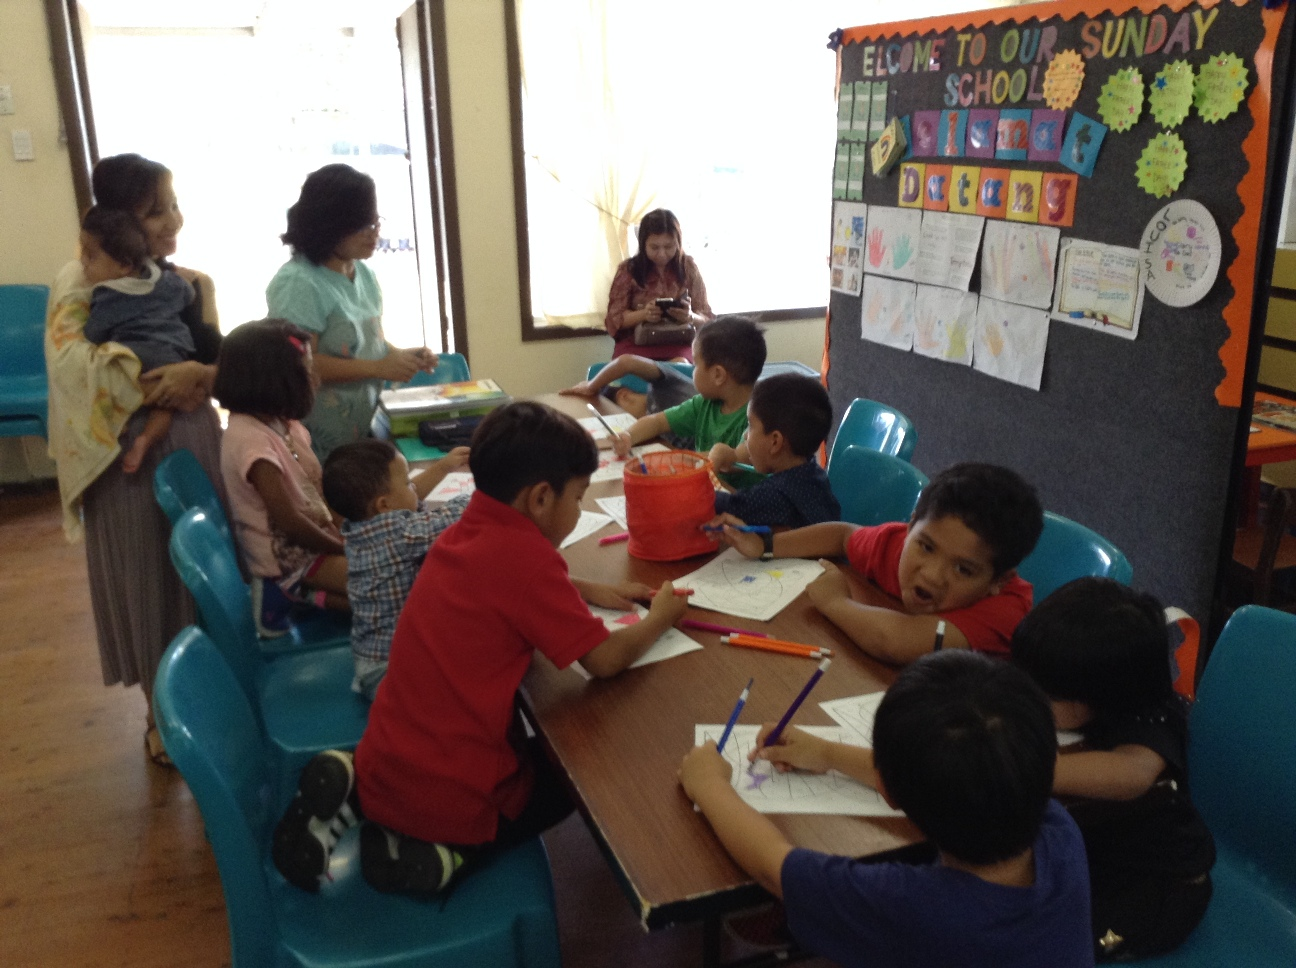 Sunday School class 1